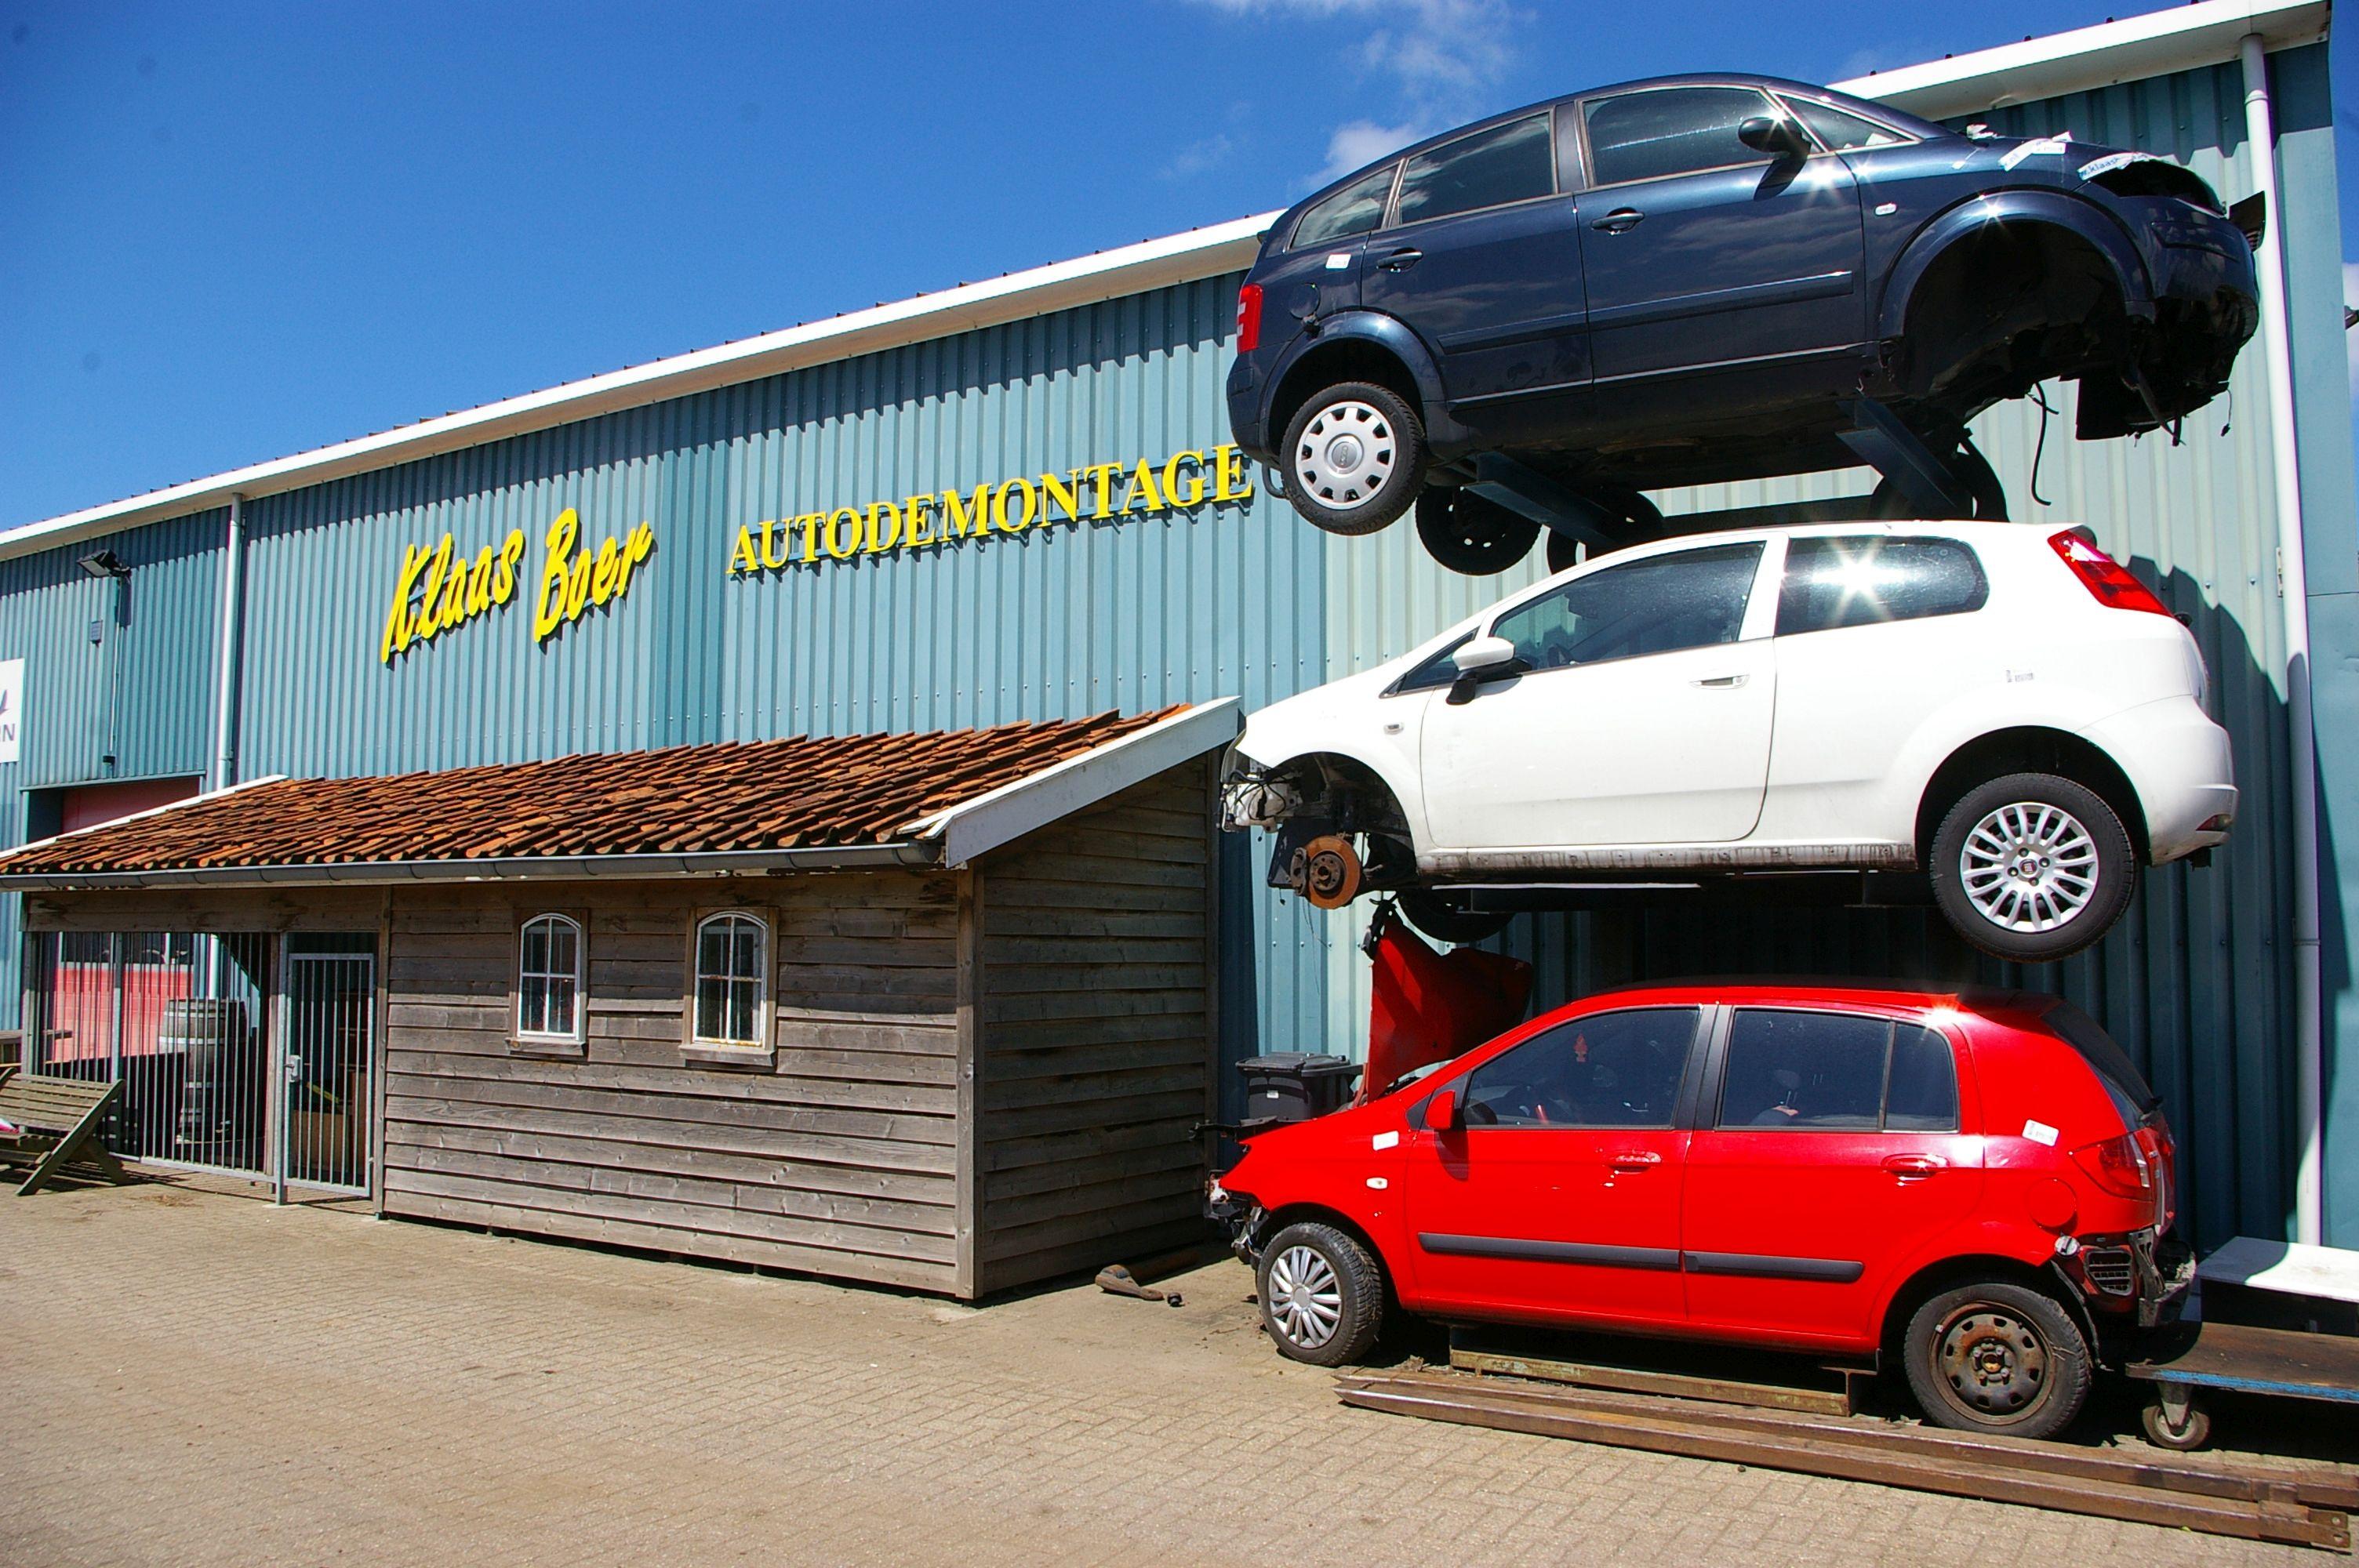 Garage Boer Diever : Autodemontage klaas boer is al ruim jaar duurzaam autoplus